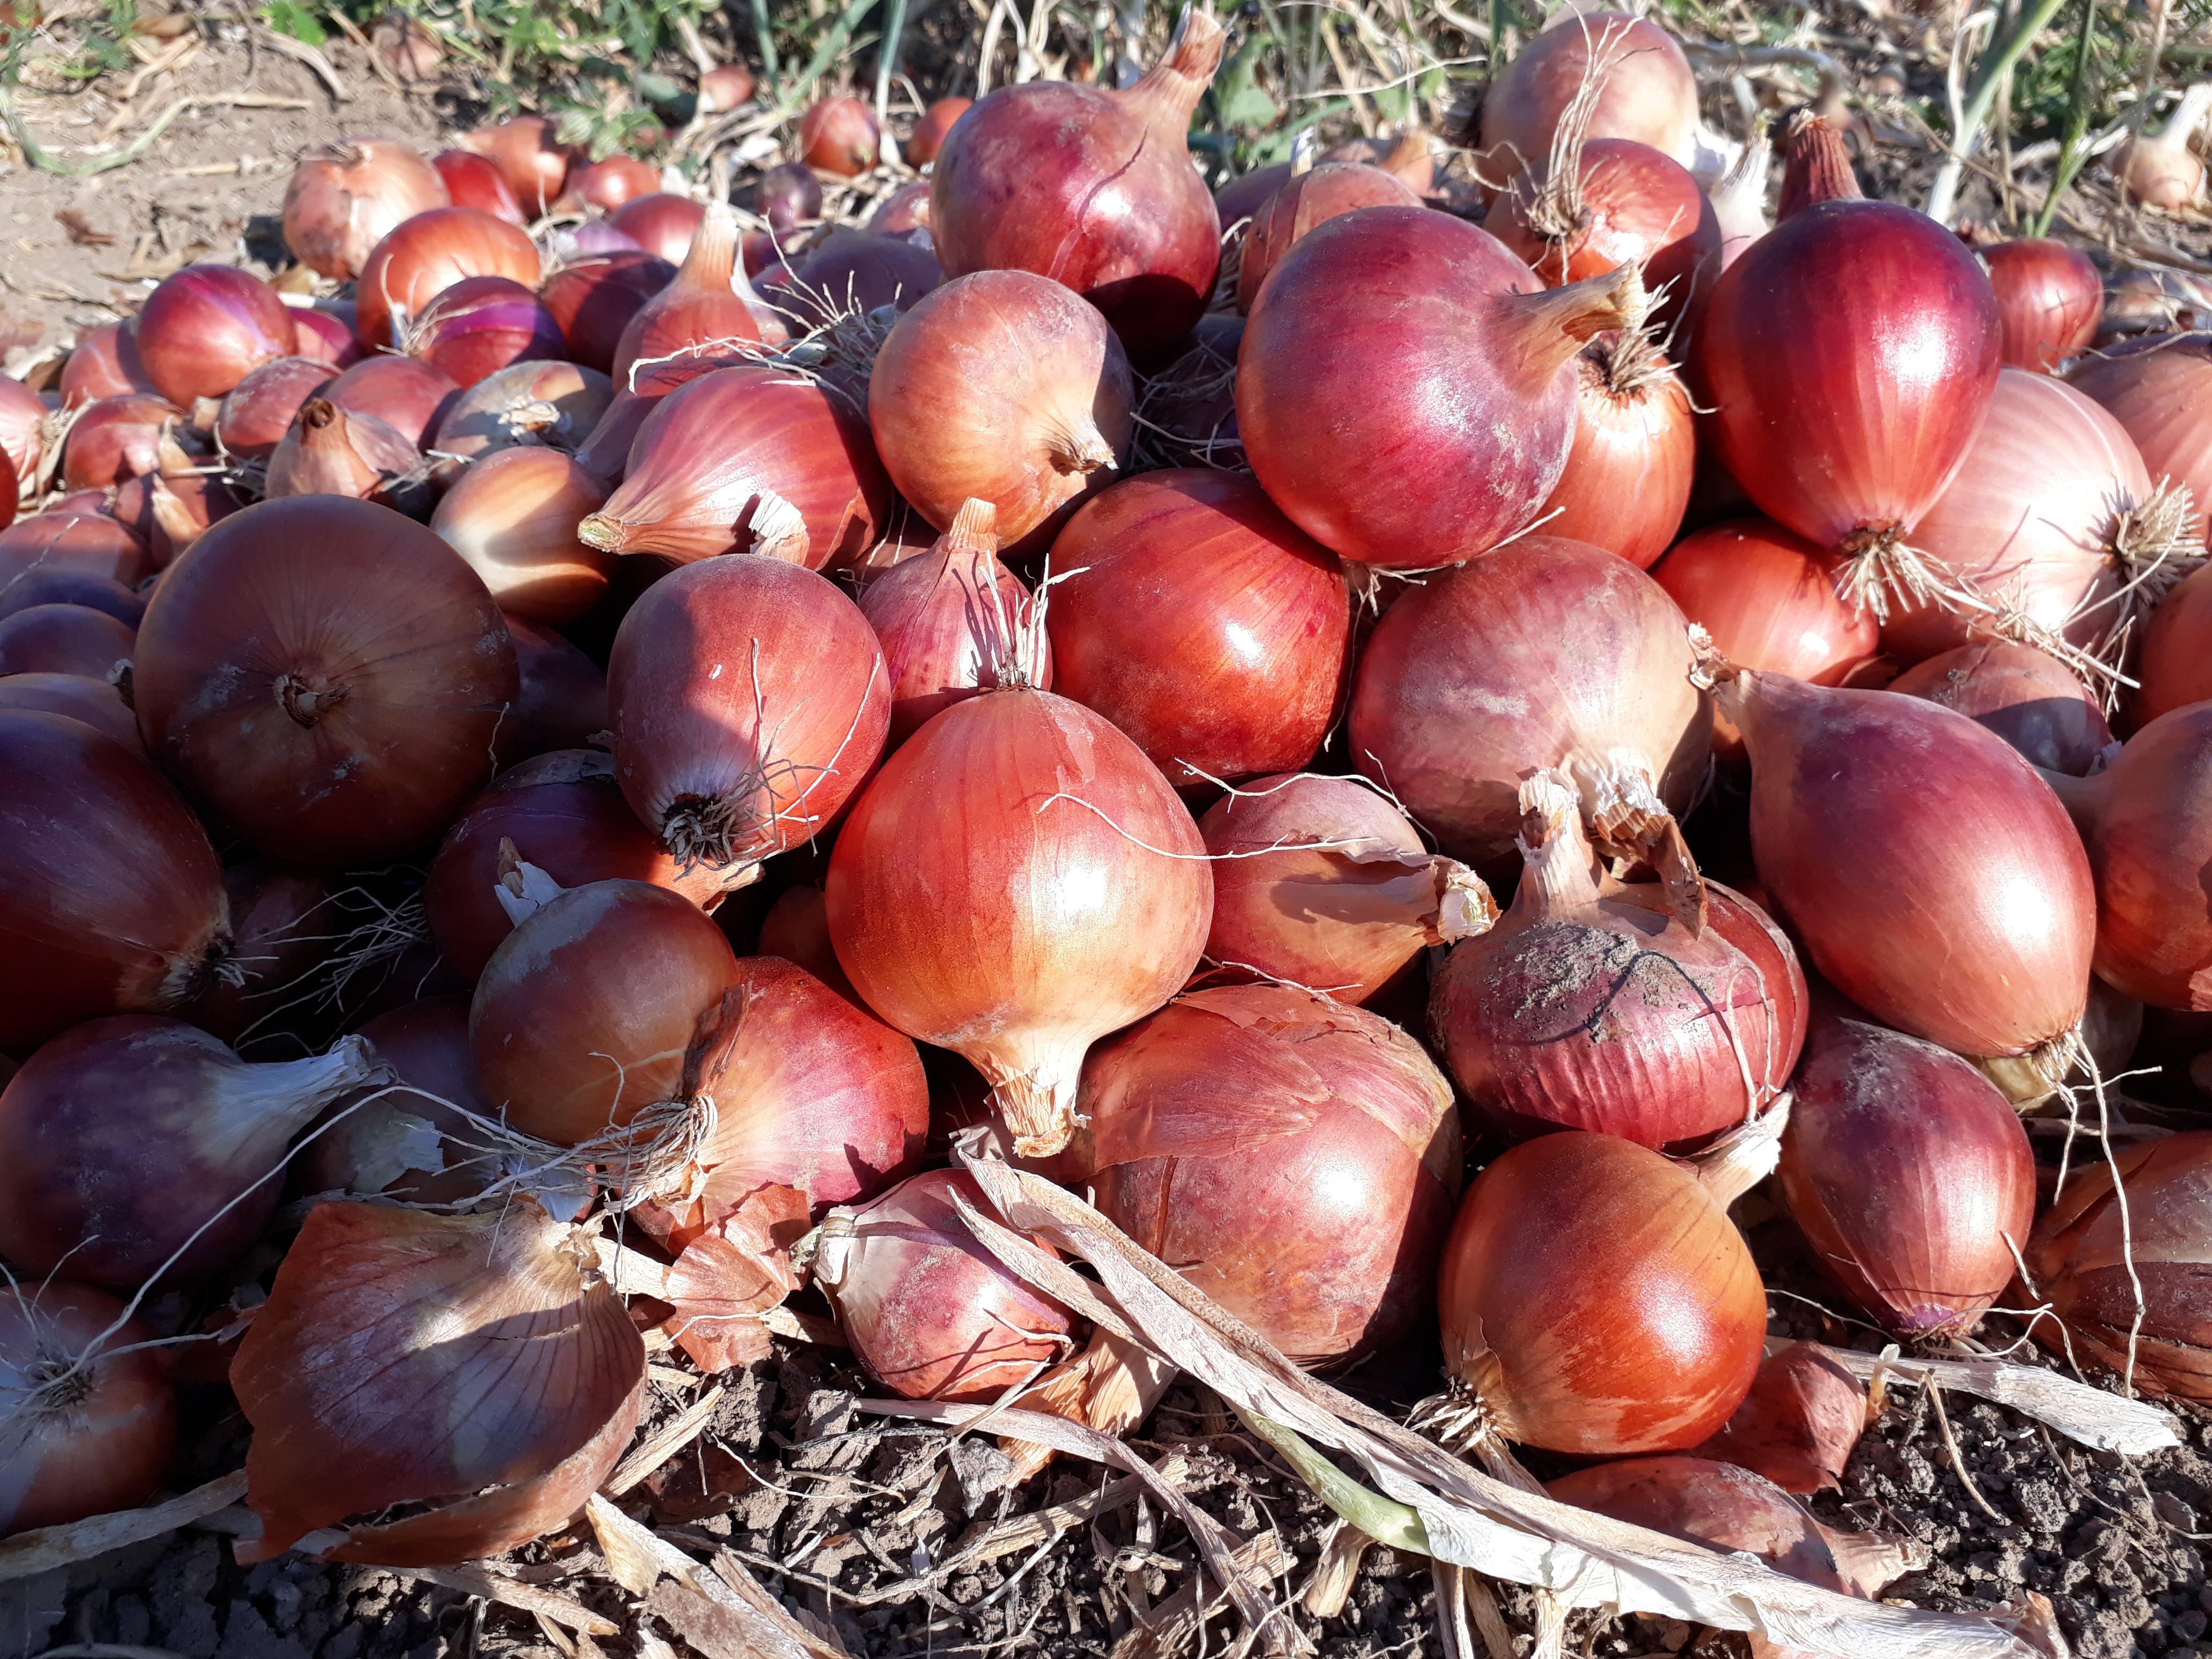 Kuru Soğan - Üretici Ali Gülhan 1.1 tl fiyat ile 20 kilogram kuru soğan  satmak istiyor